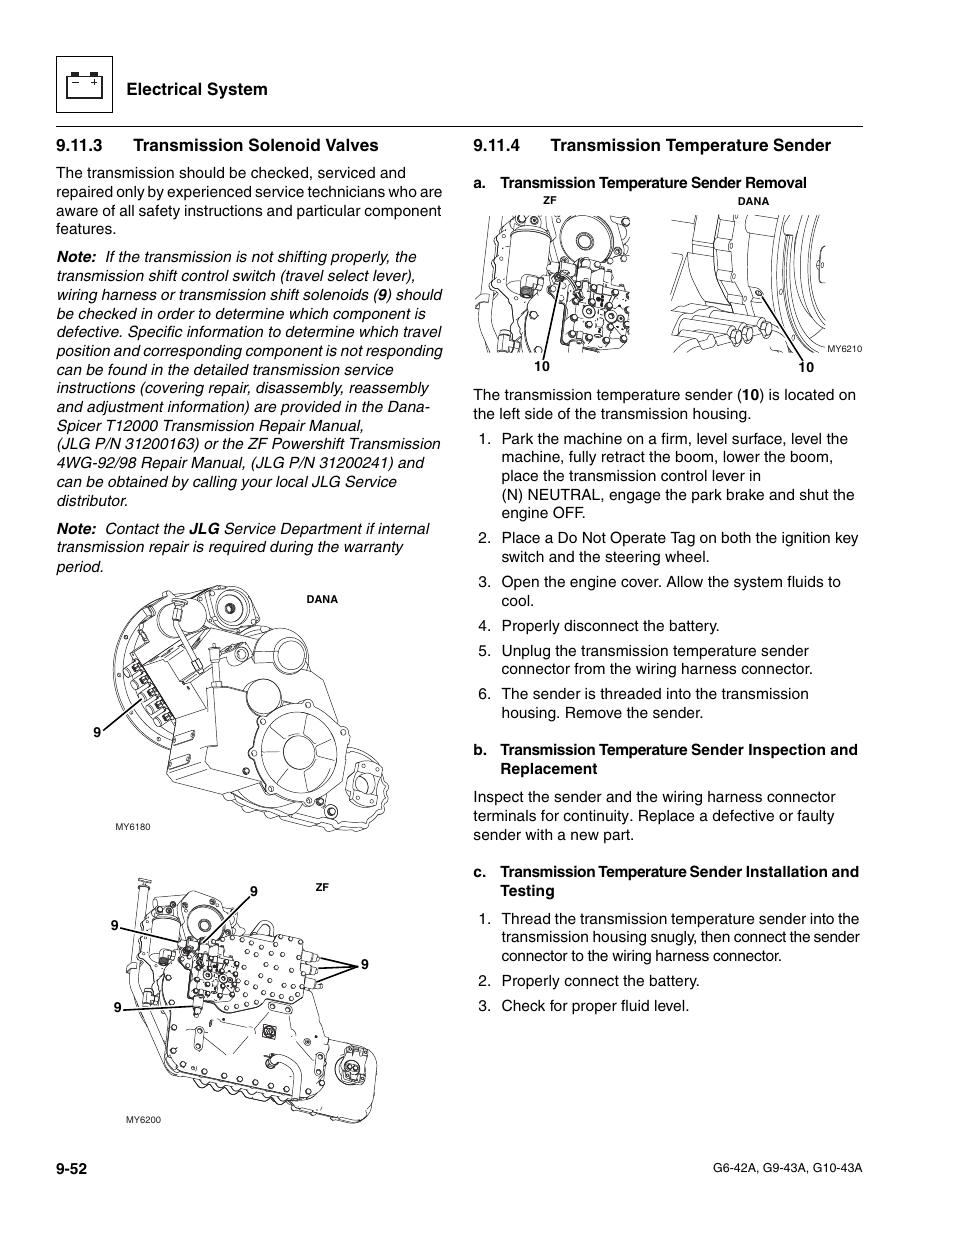 jlg g6 42a wiring diagram